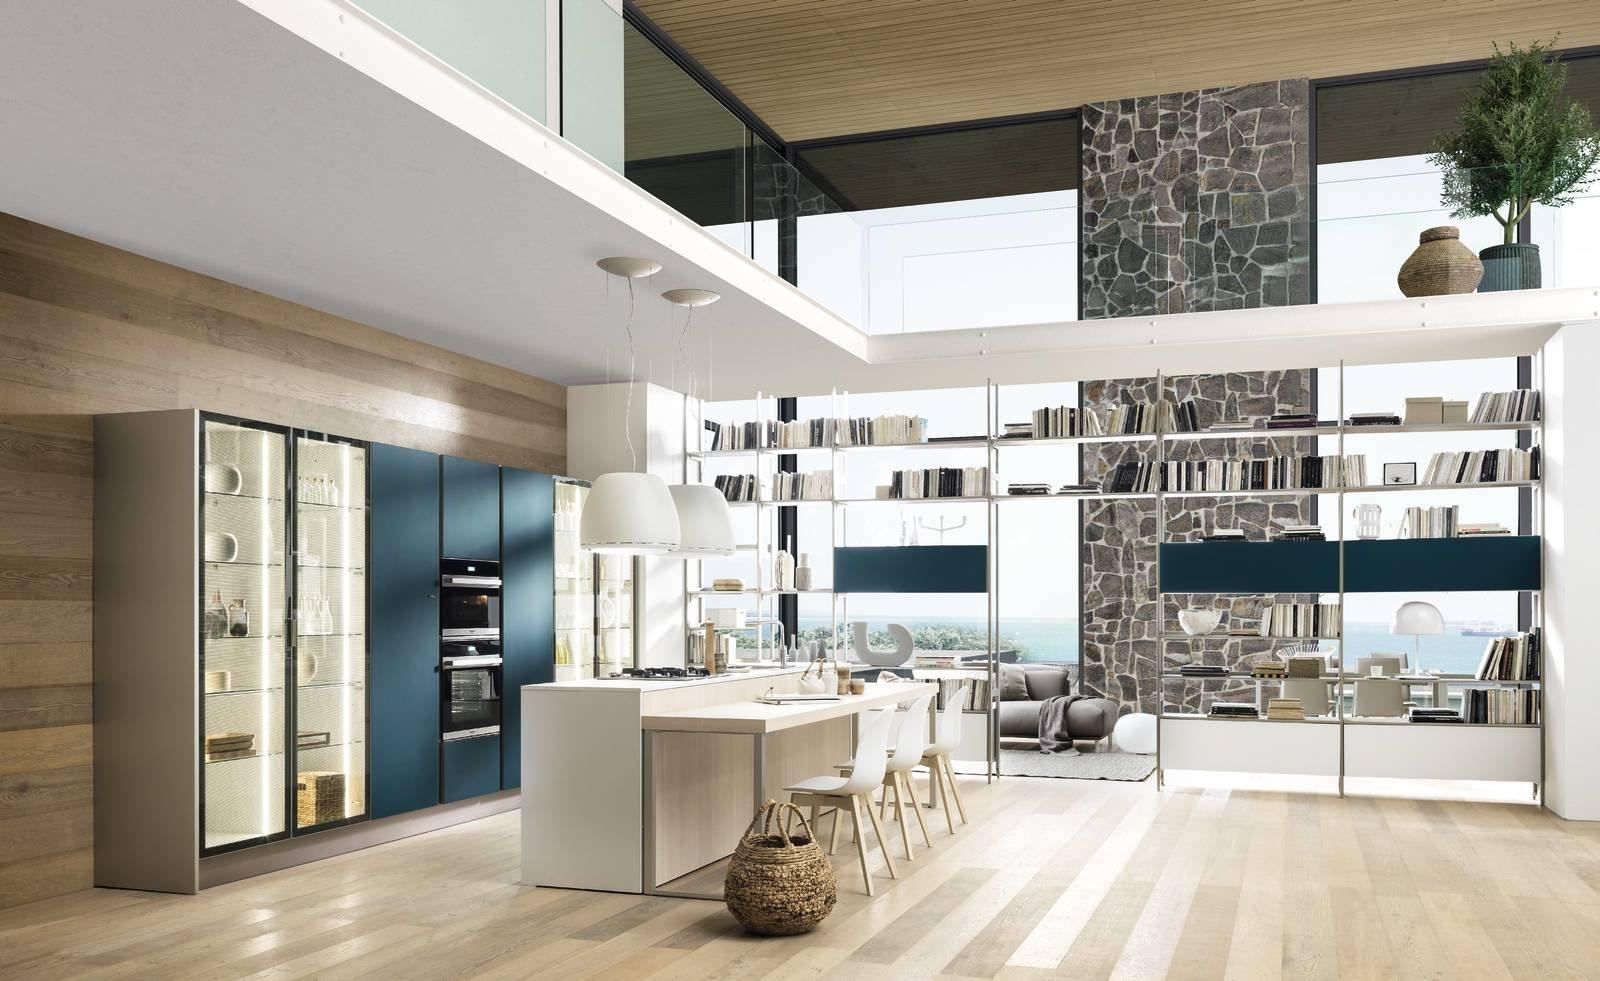 14 soluzioni coordinate di cucina soggiorno cose di casa - Libreria per cucina ...